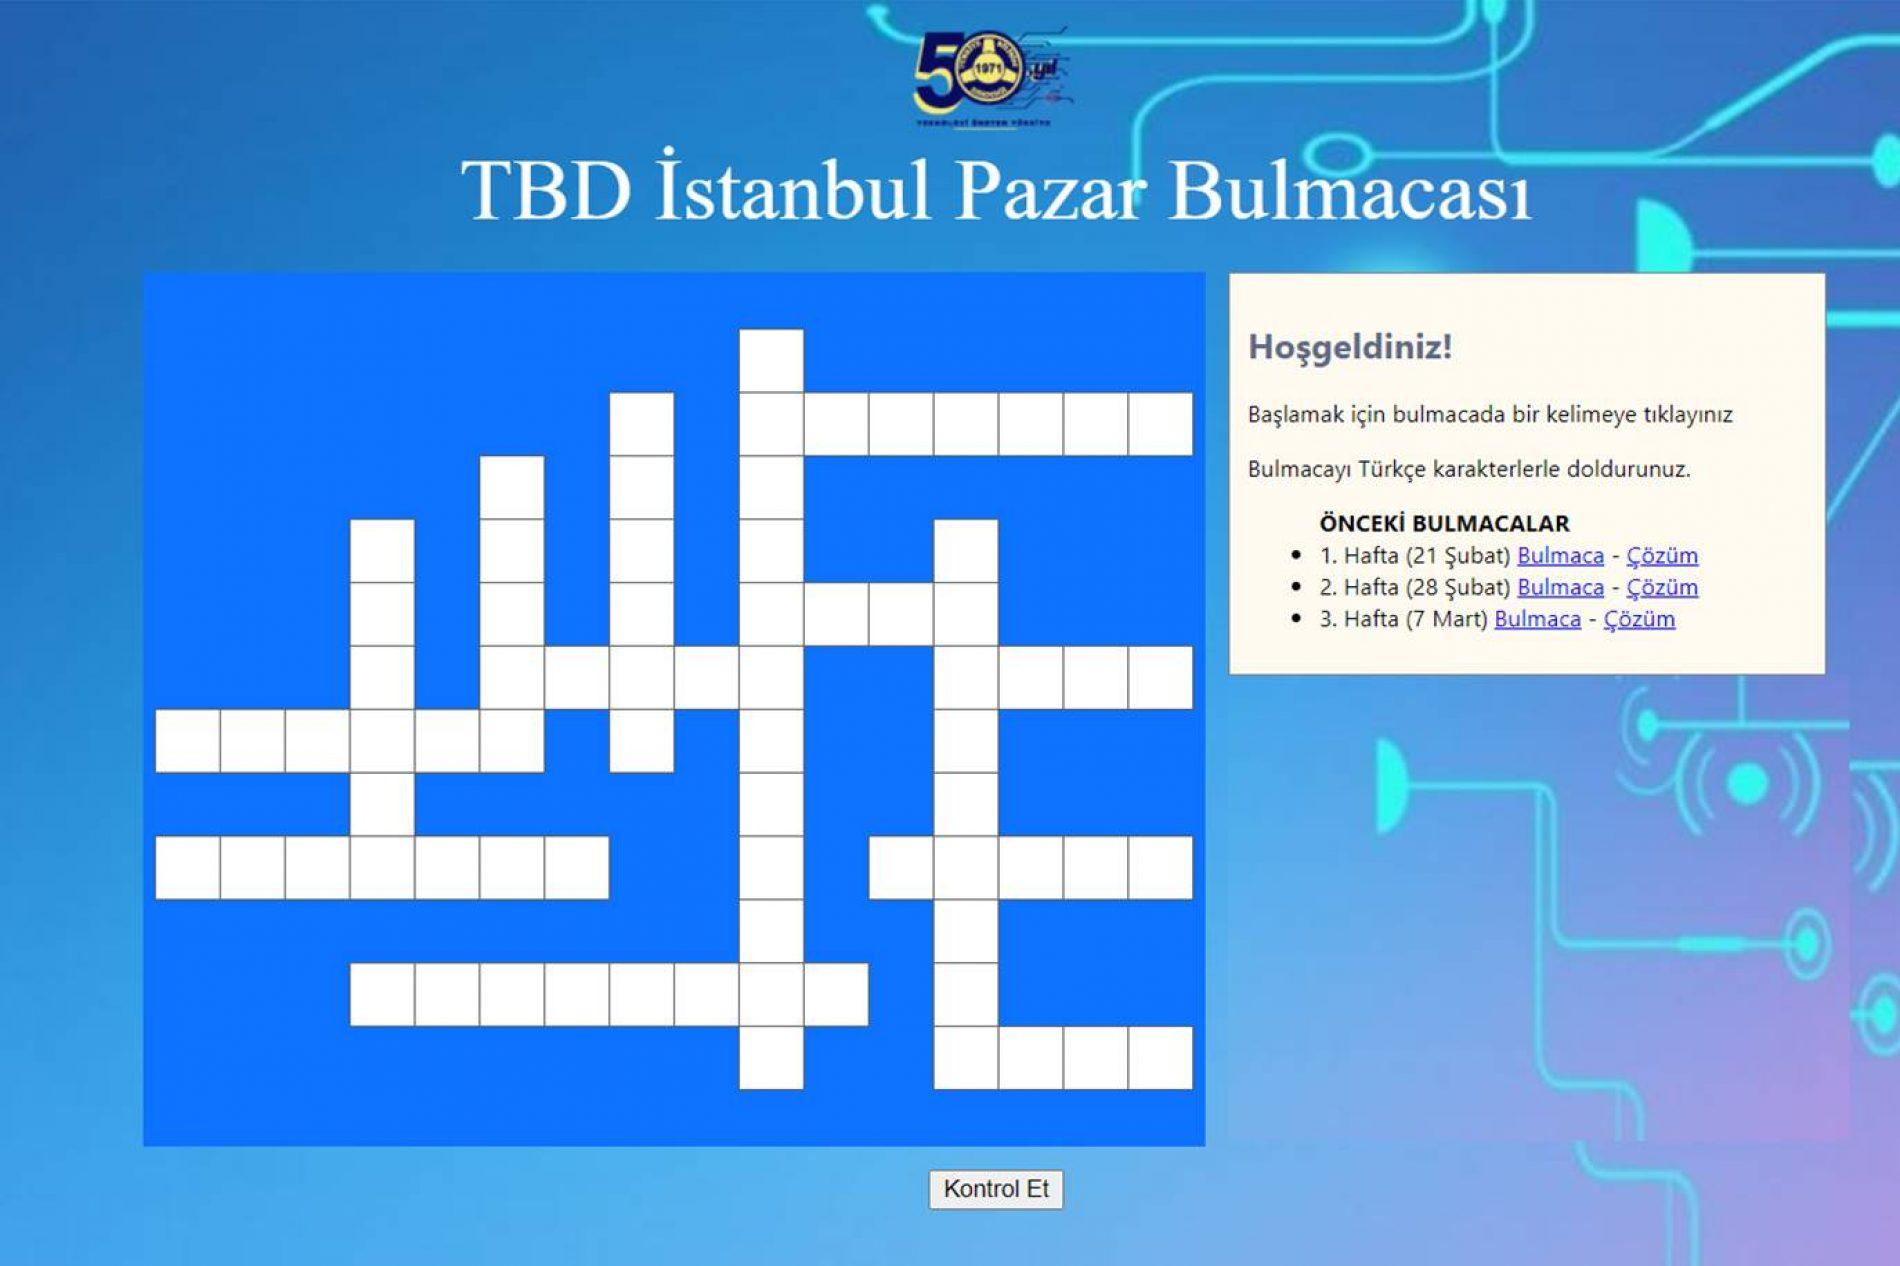 TBD İstanbul 14 Mart Pazar Bulmacası